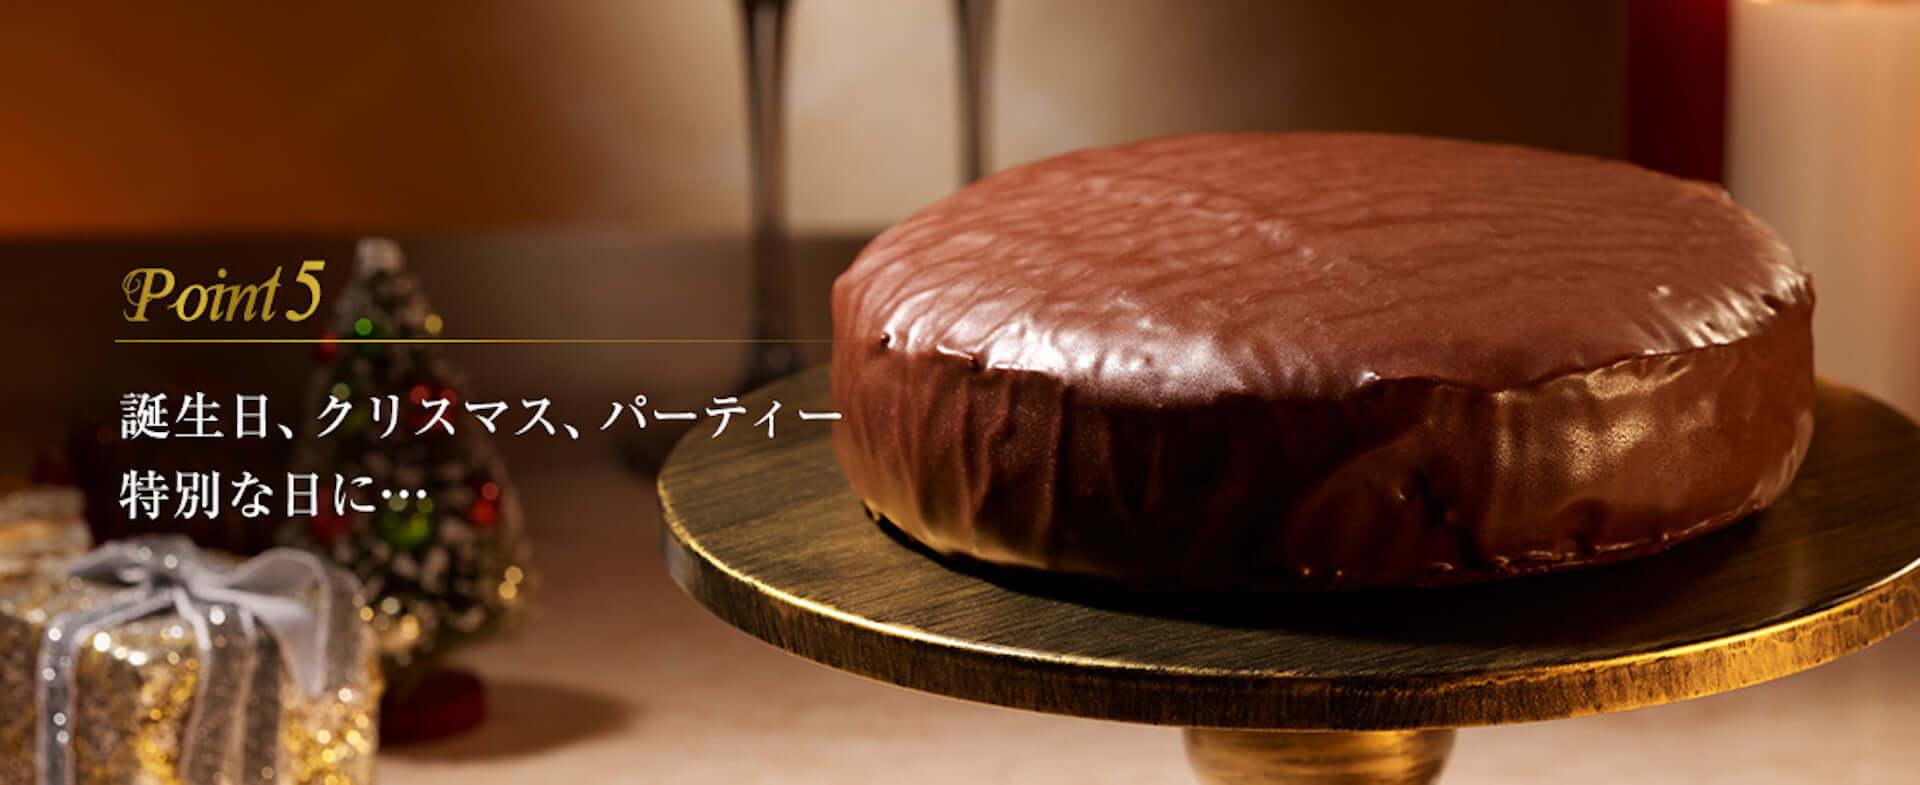 ロッテから「冬のチョコパイ」史上最重量のホールケーキが登場!1,000個限定の新商品『スペシャリテ』が発売決定 gourmet201117_chocopie_3-1920x785